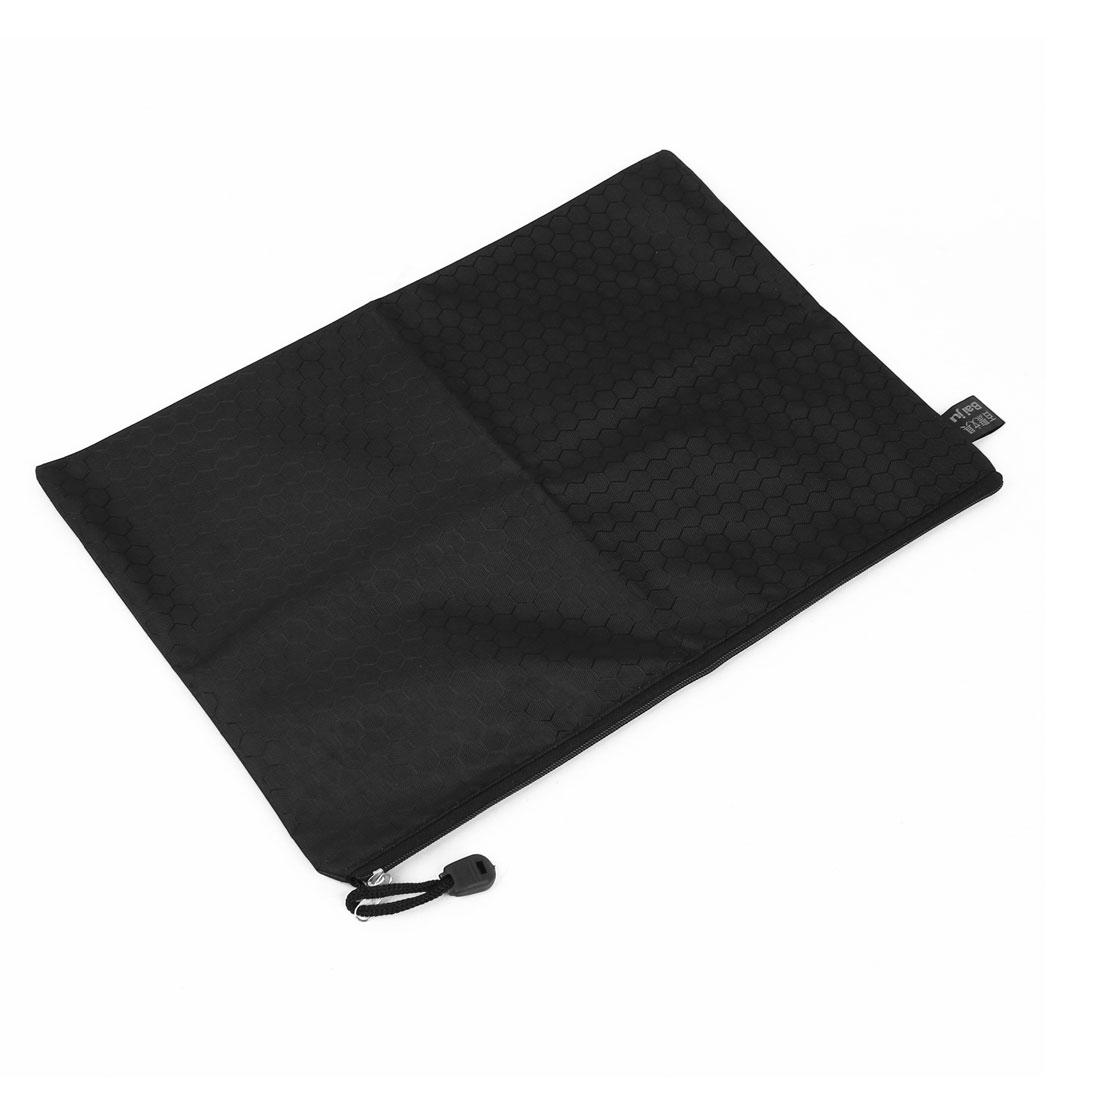 School Office Hexagon Pattern A5 Paper Document Pen Holder Zipper Bag Black